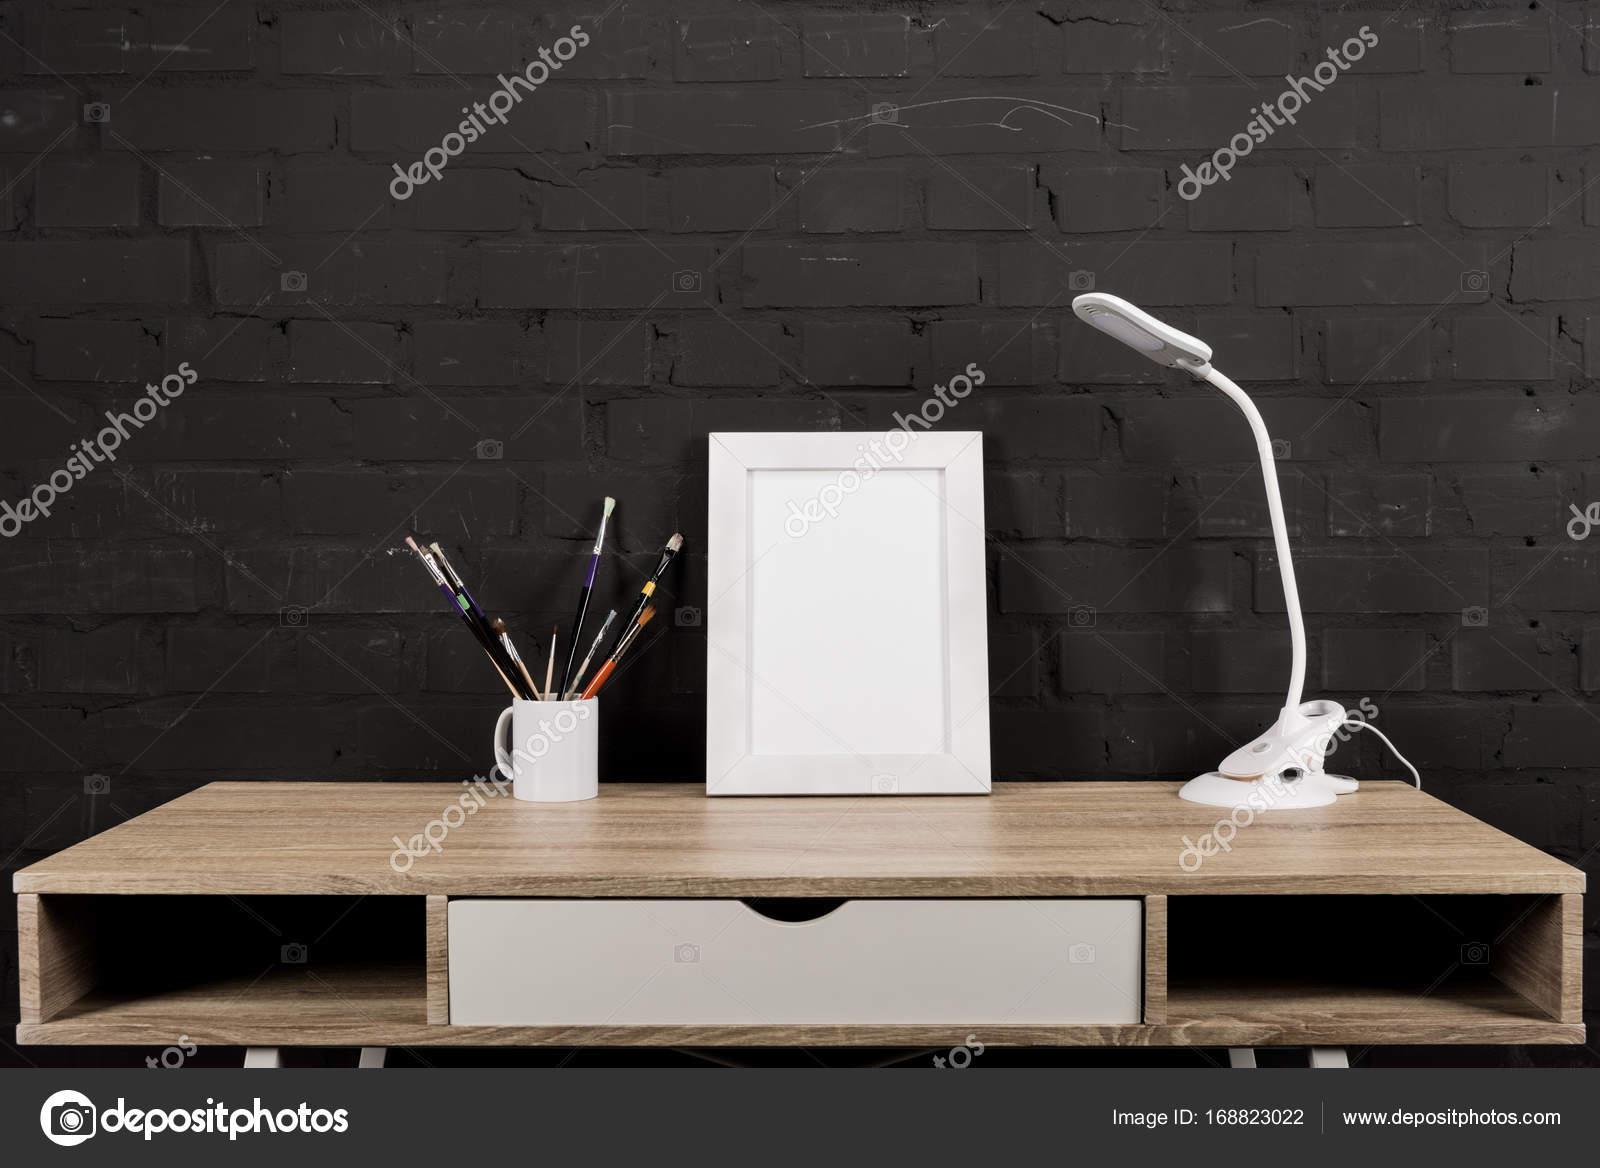 Lampade Da Tavolo Lavoro : Foto cornice e lampada da tavolo al posto di lavoro u foto stock